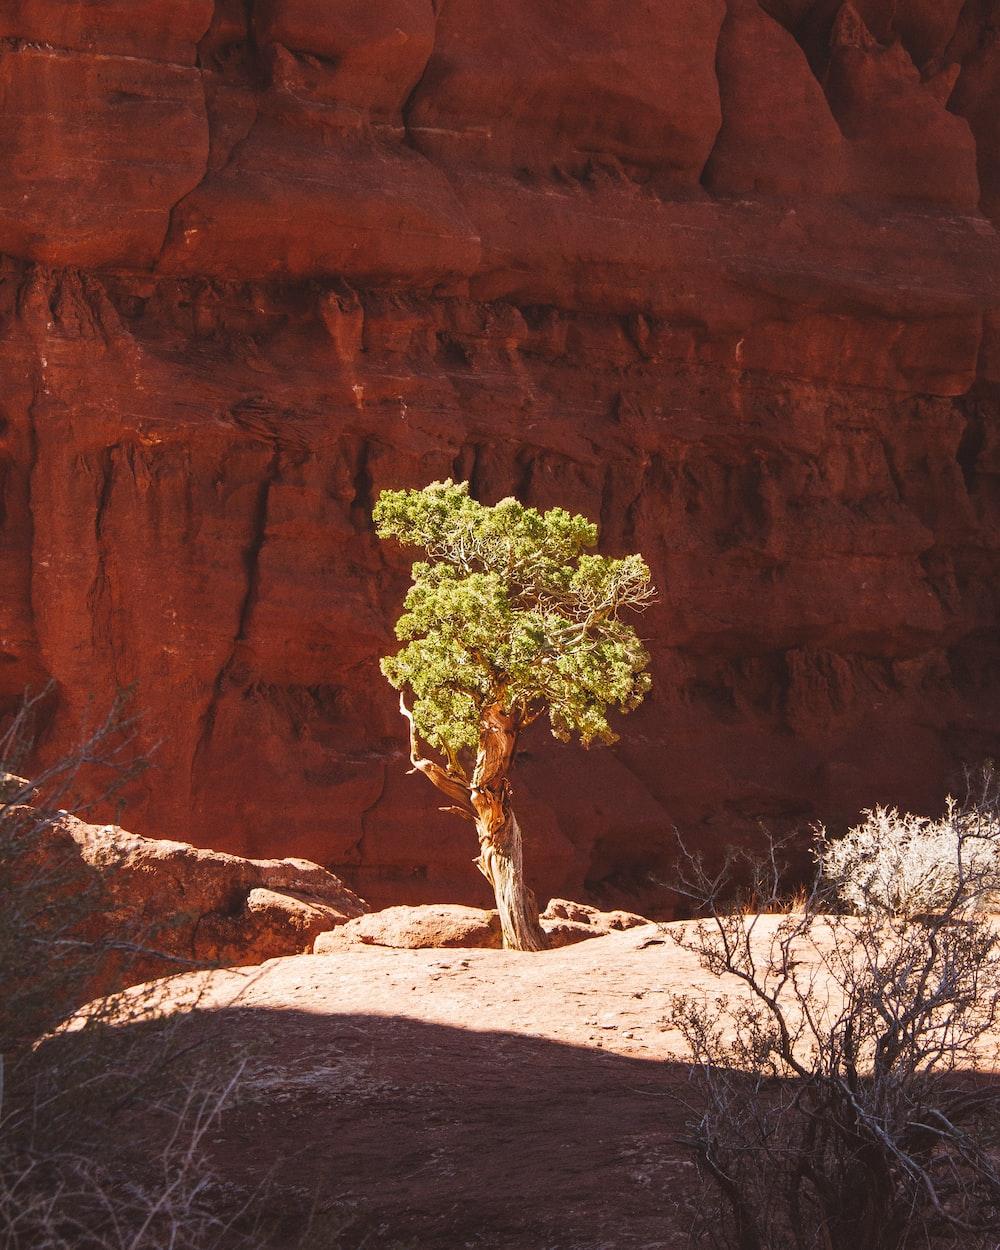 green-leafed tree beside rock